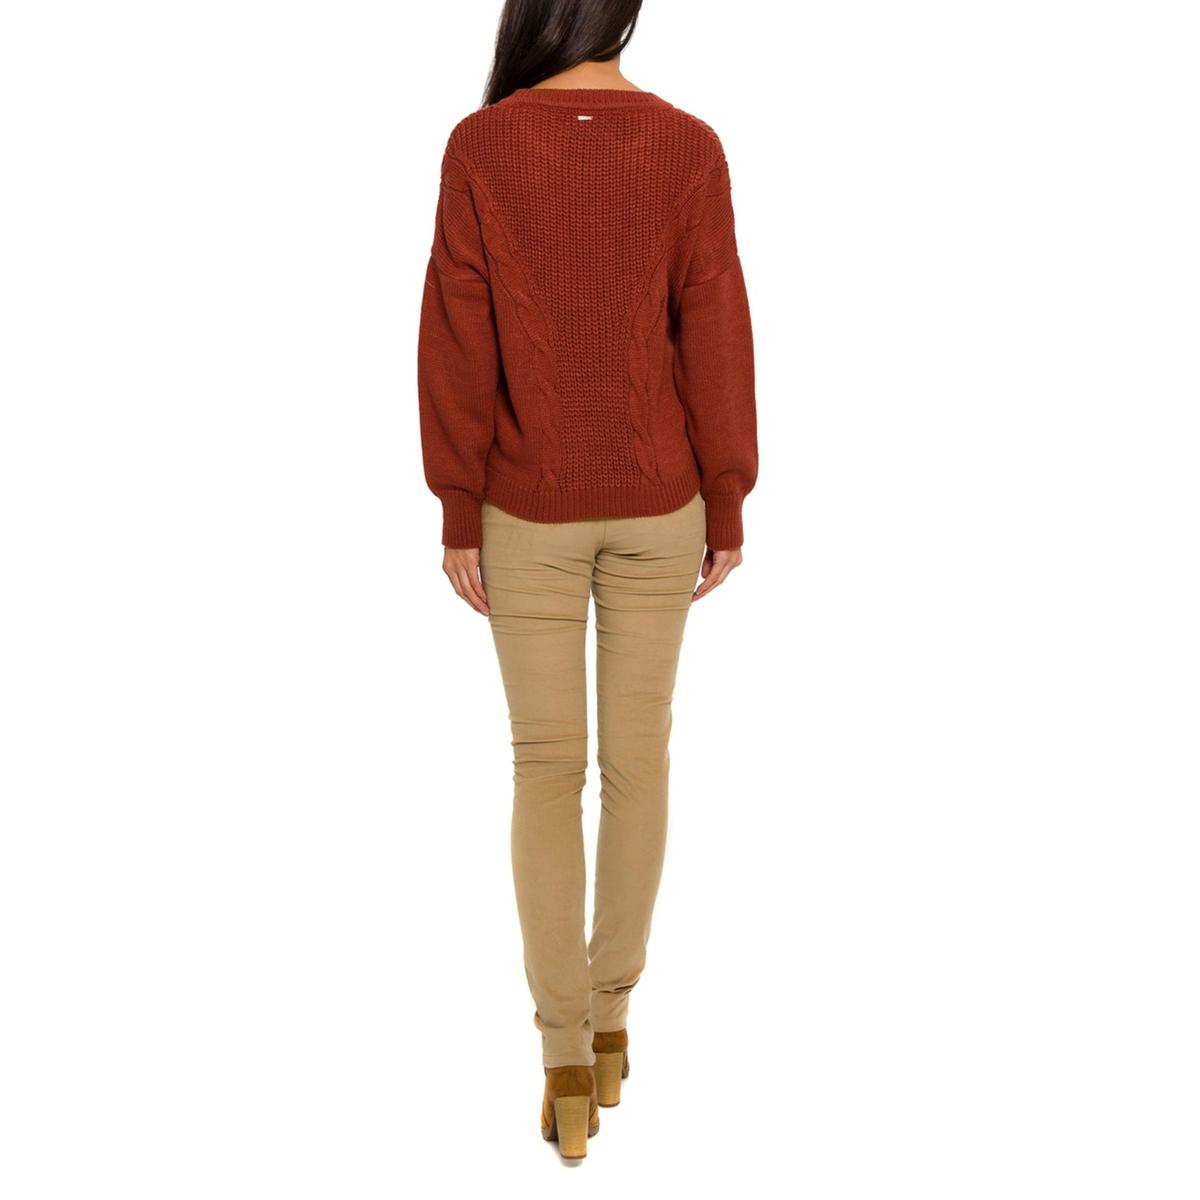 Пуловер с длинными рукавамиПуловер PARAMITA. Плетёный трикотаж спереди. Круглый вырез. Длинные рукава.          Состав и описание     Материал: 100% акрила.     Марка         PARAMITA<br><br>Цвет: бордовый<br>Размер: XL